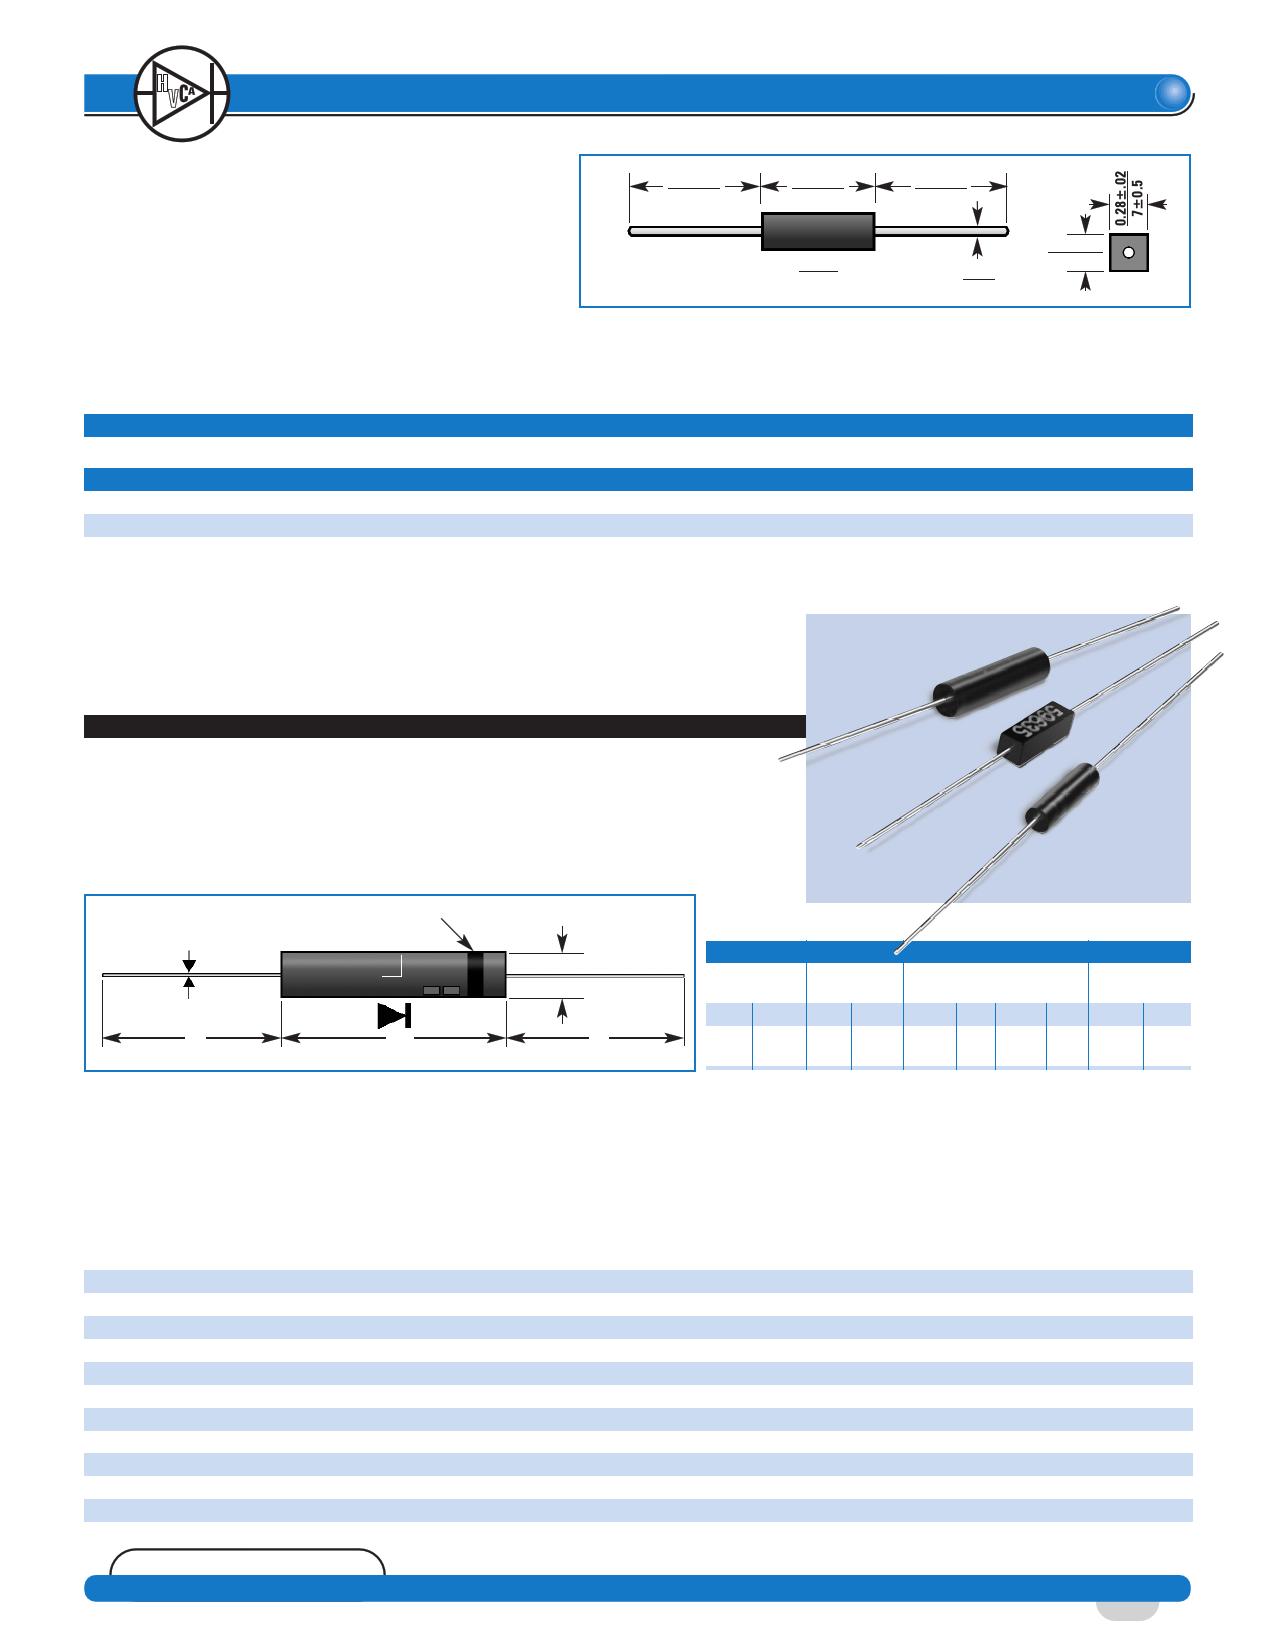 2CL2FF datasheet